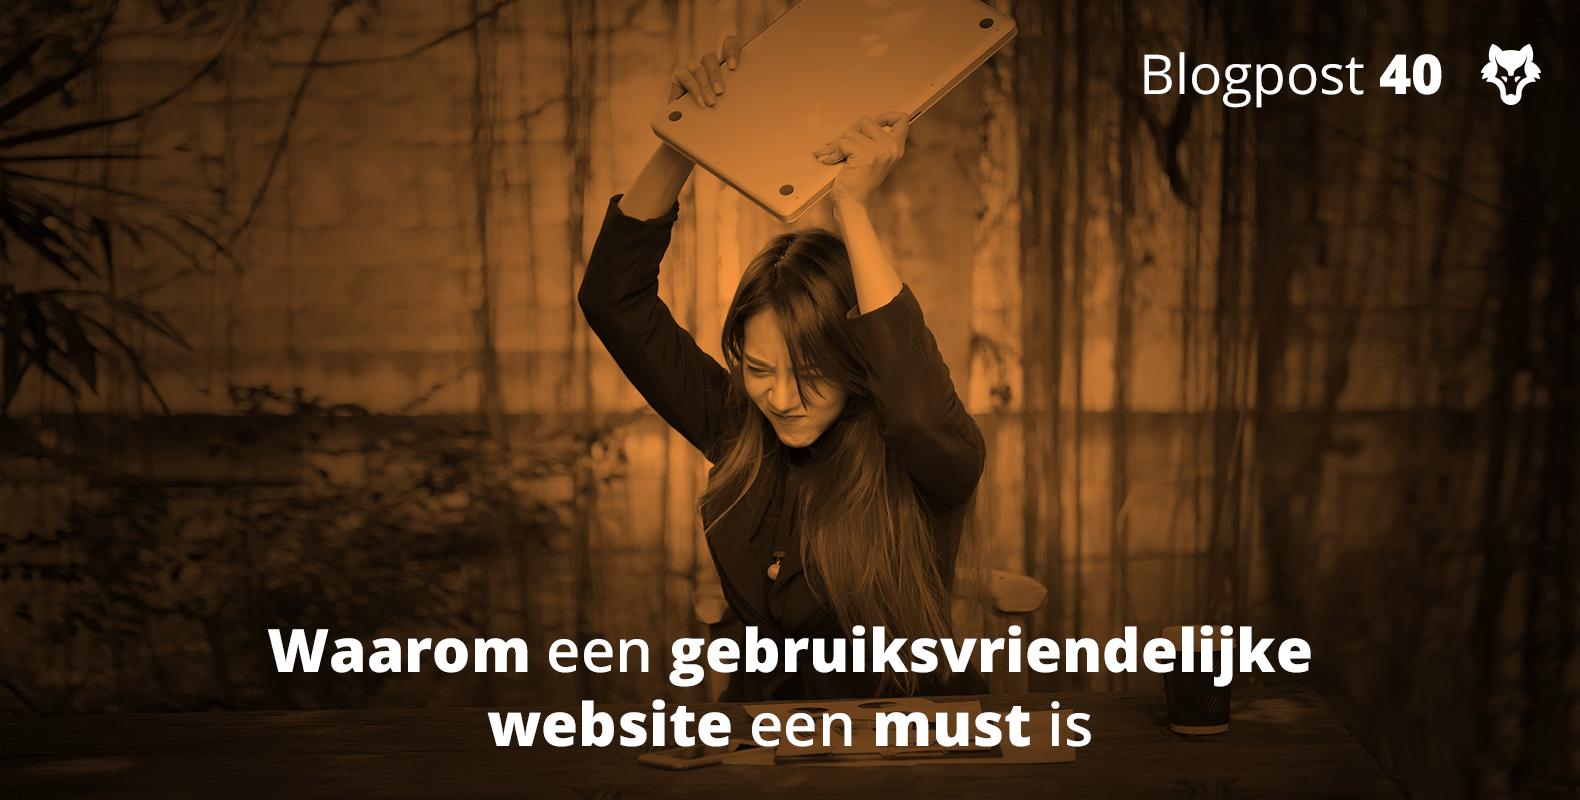 Waarom een gebruiksvriendelijke website een must is